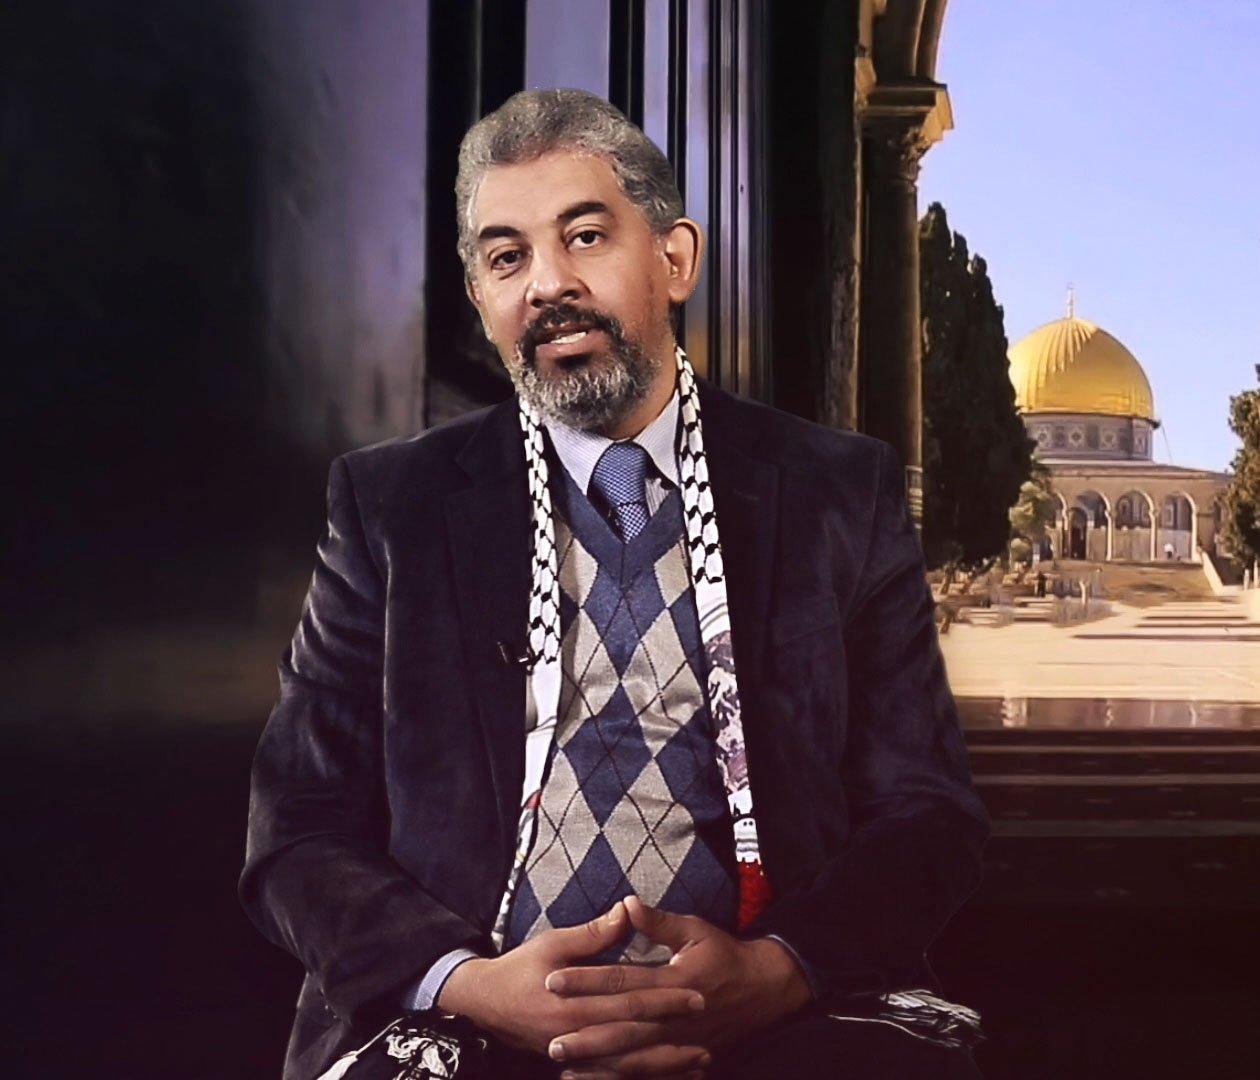 فلسطين في فكر الإمام عبد السلام ياسين|1| فلسطين قضية مصيرية